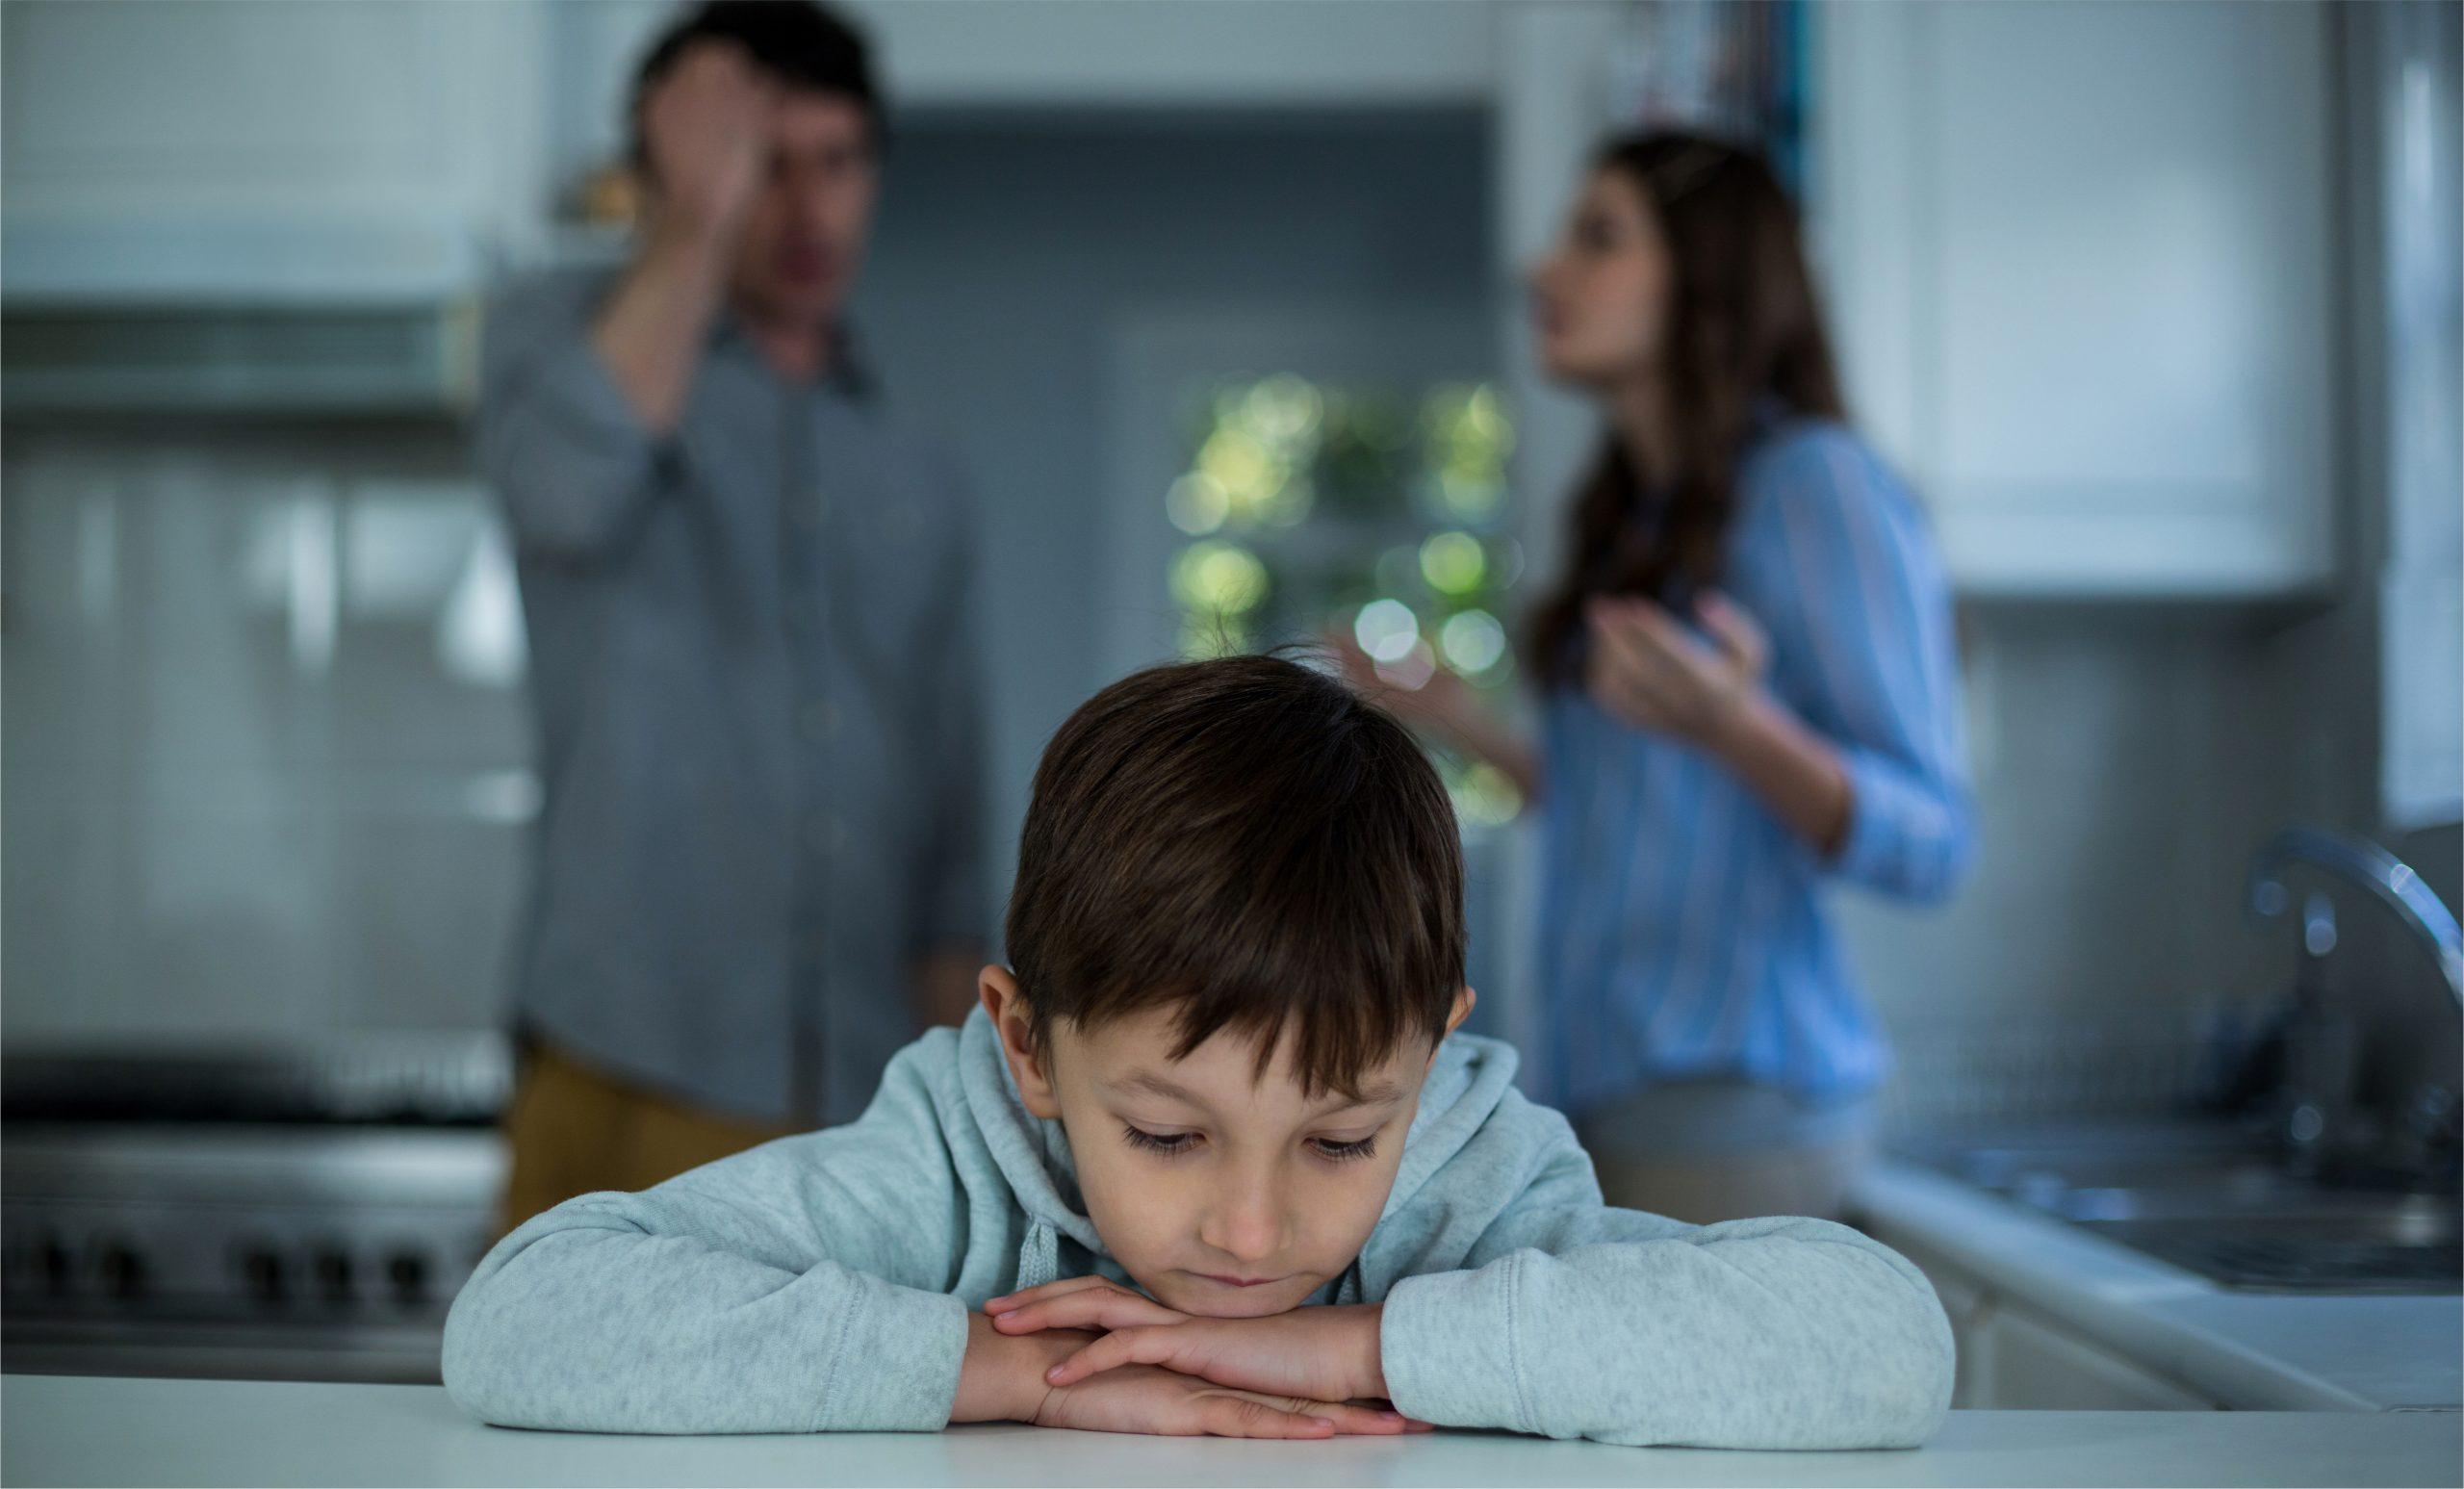 Facing family quarrels2 min read